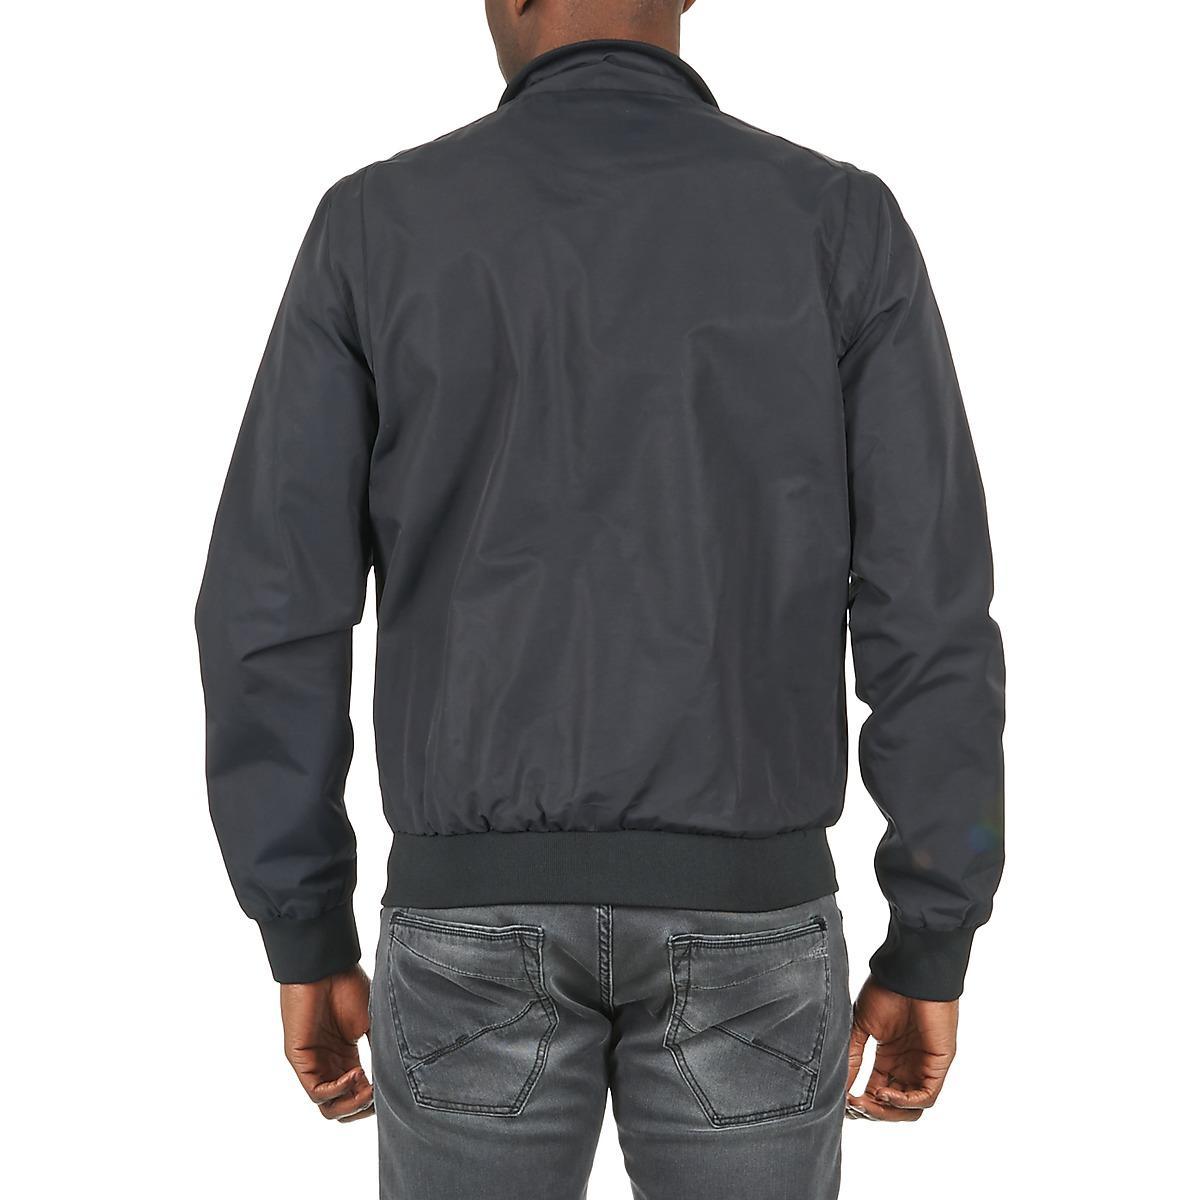 Schott Nyc Cablu Jacket in Black for Men